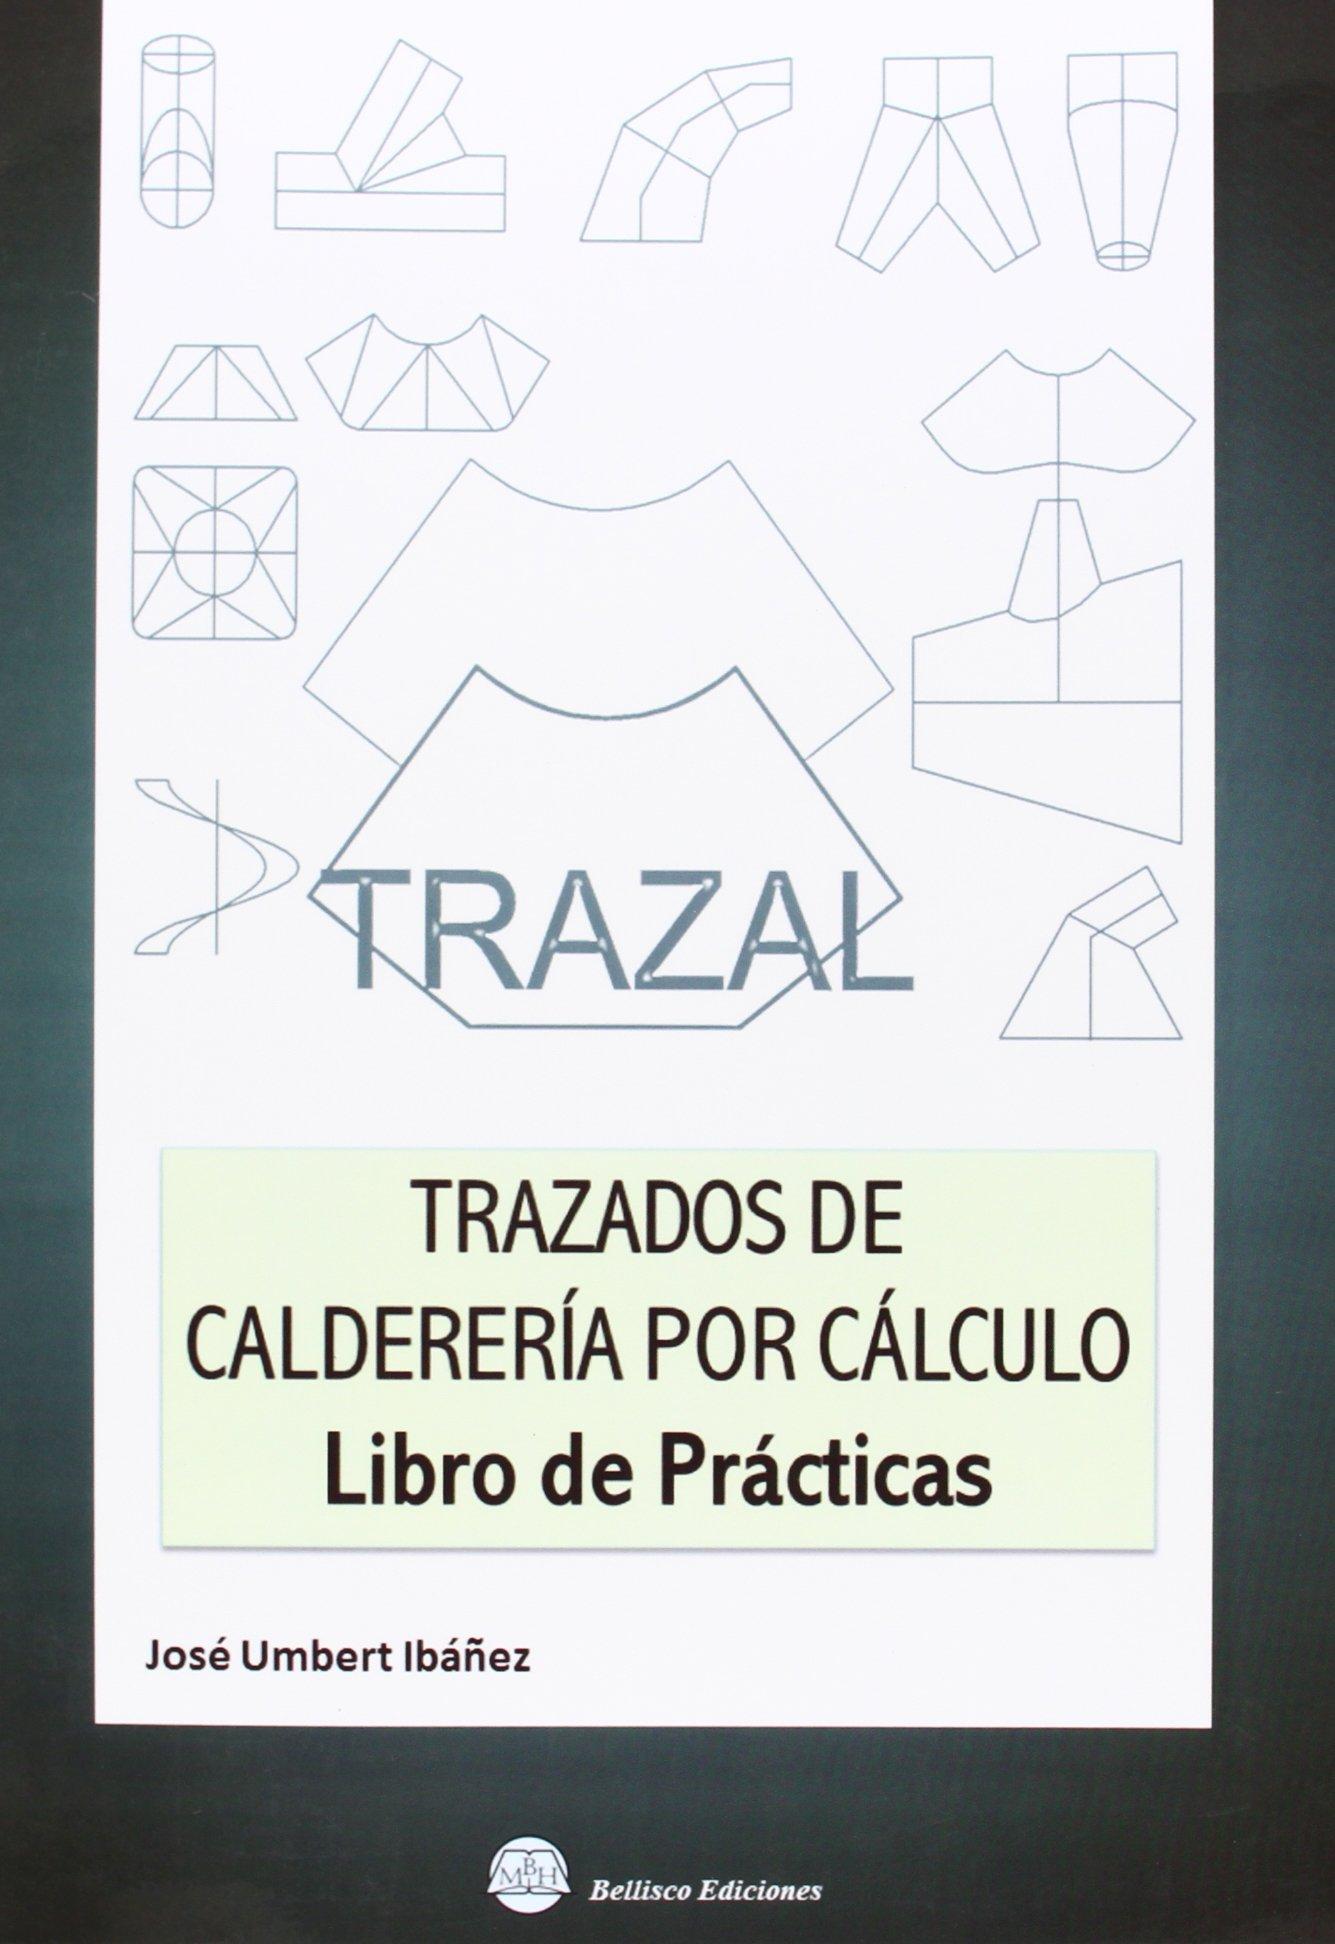 Trazal Trazados De Caldereria Por Calculo Libro De Practicas Jose Umbert Ibañez 9788492970612 Books